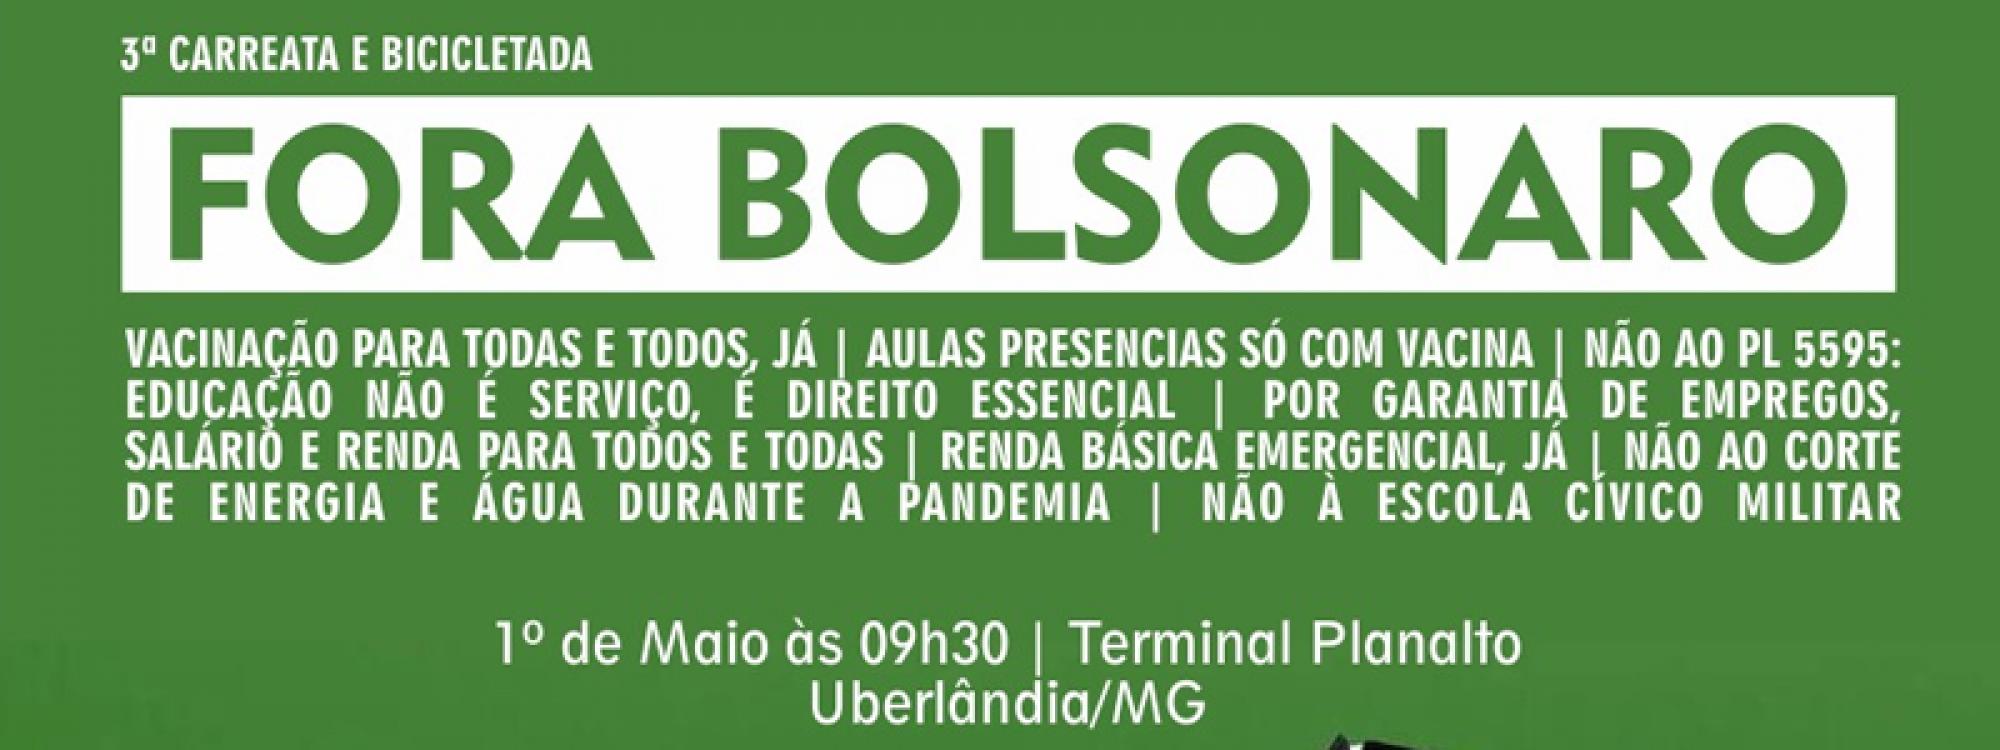 Terceira carreata pelo Fora Bolsonaro ocorre em 1º de maio, dia de luta da classe trabalhadora em Uberlândia